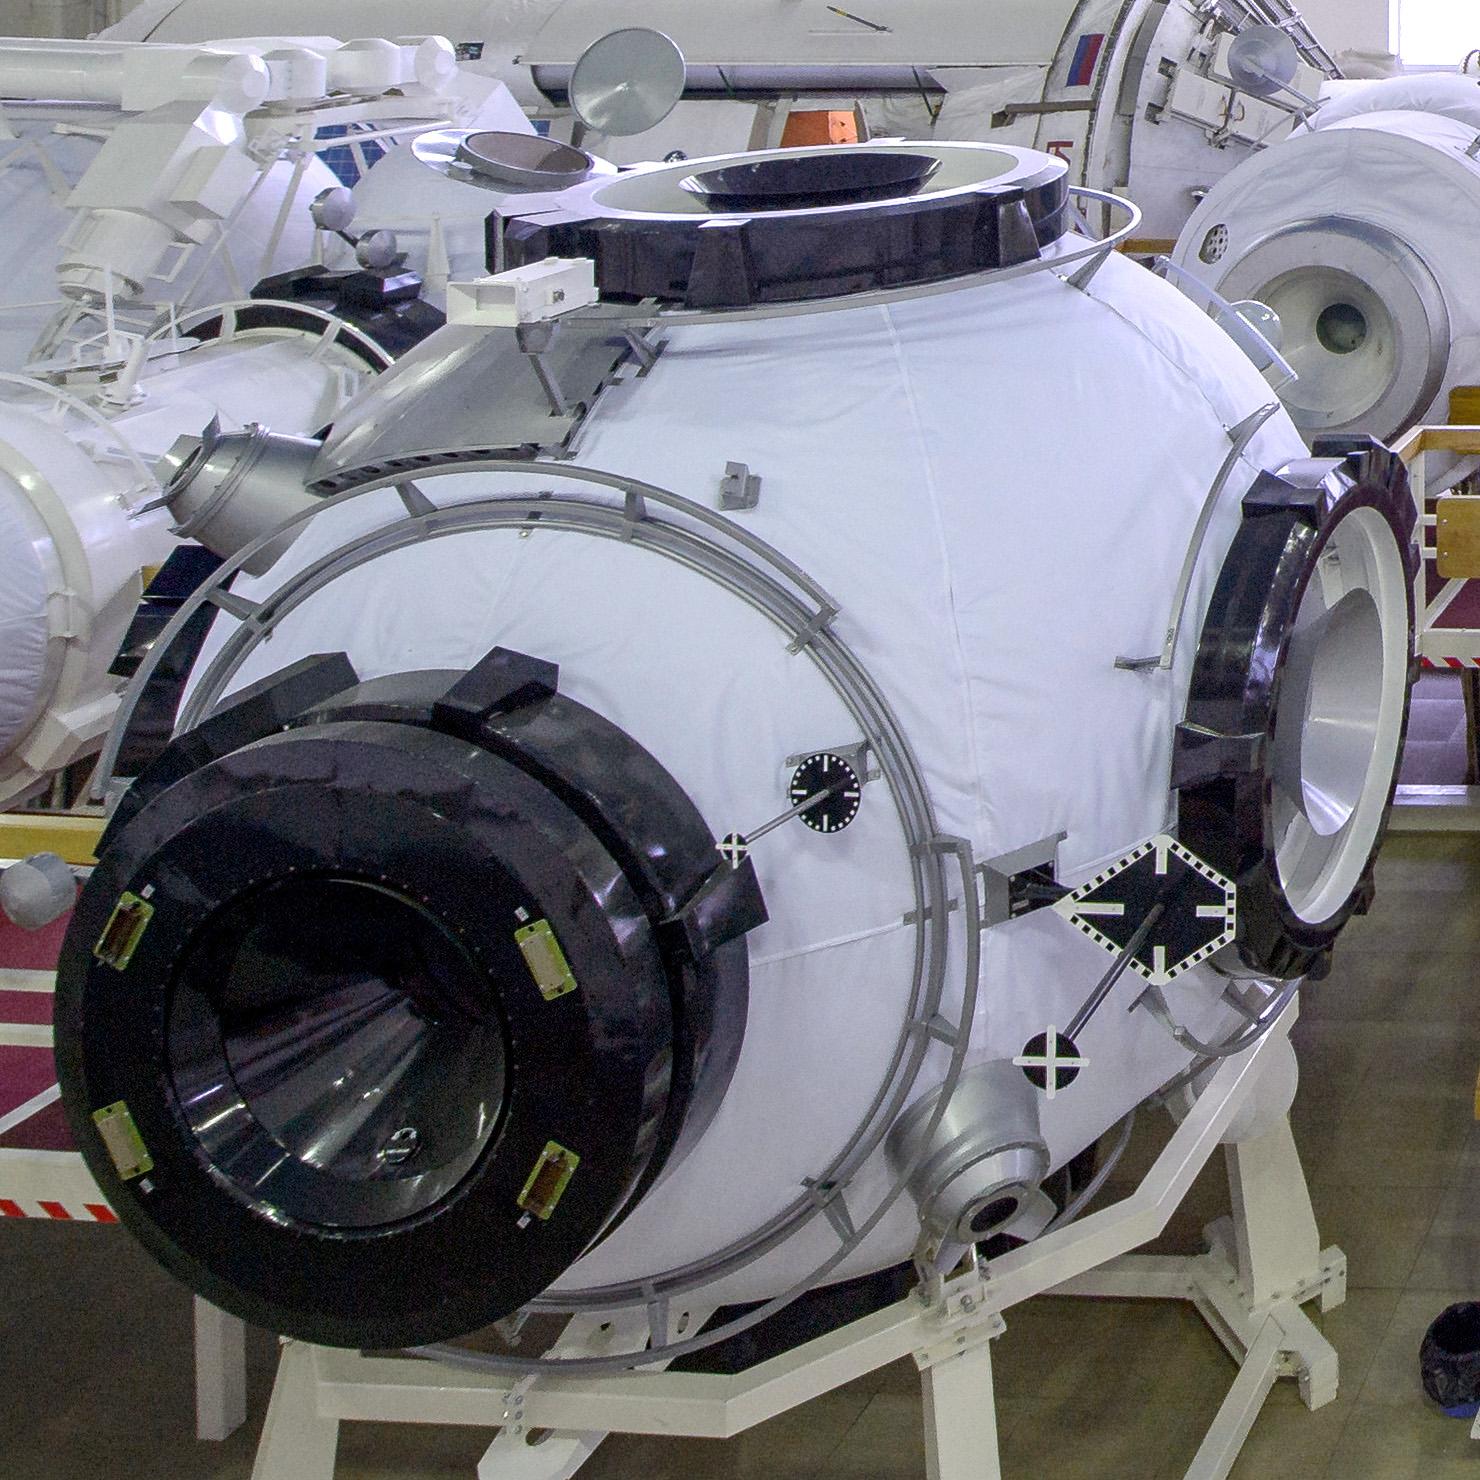 «Роскосмосу» доверили строительство шлюзового модуля на Международной лунной орбитальной станции - 3